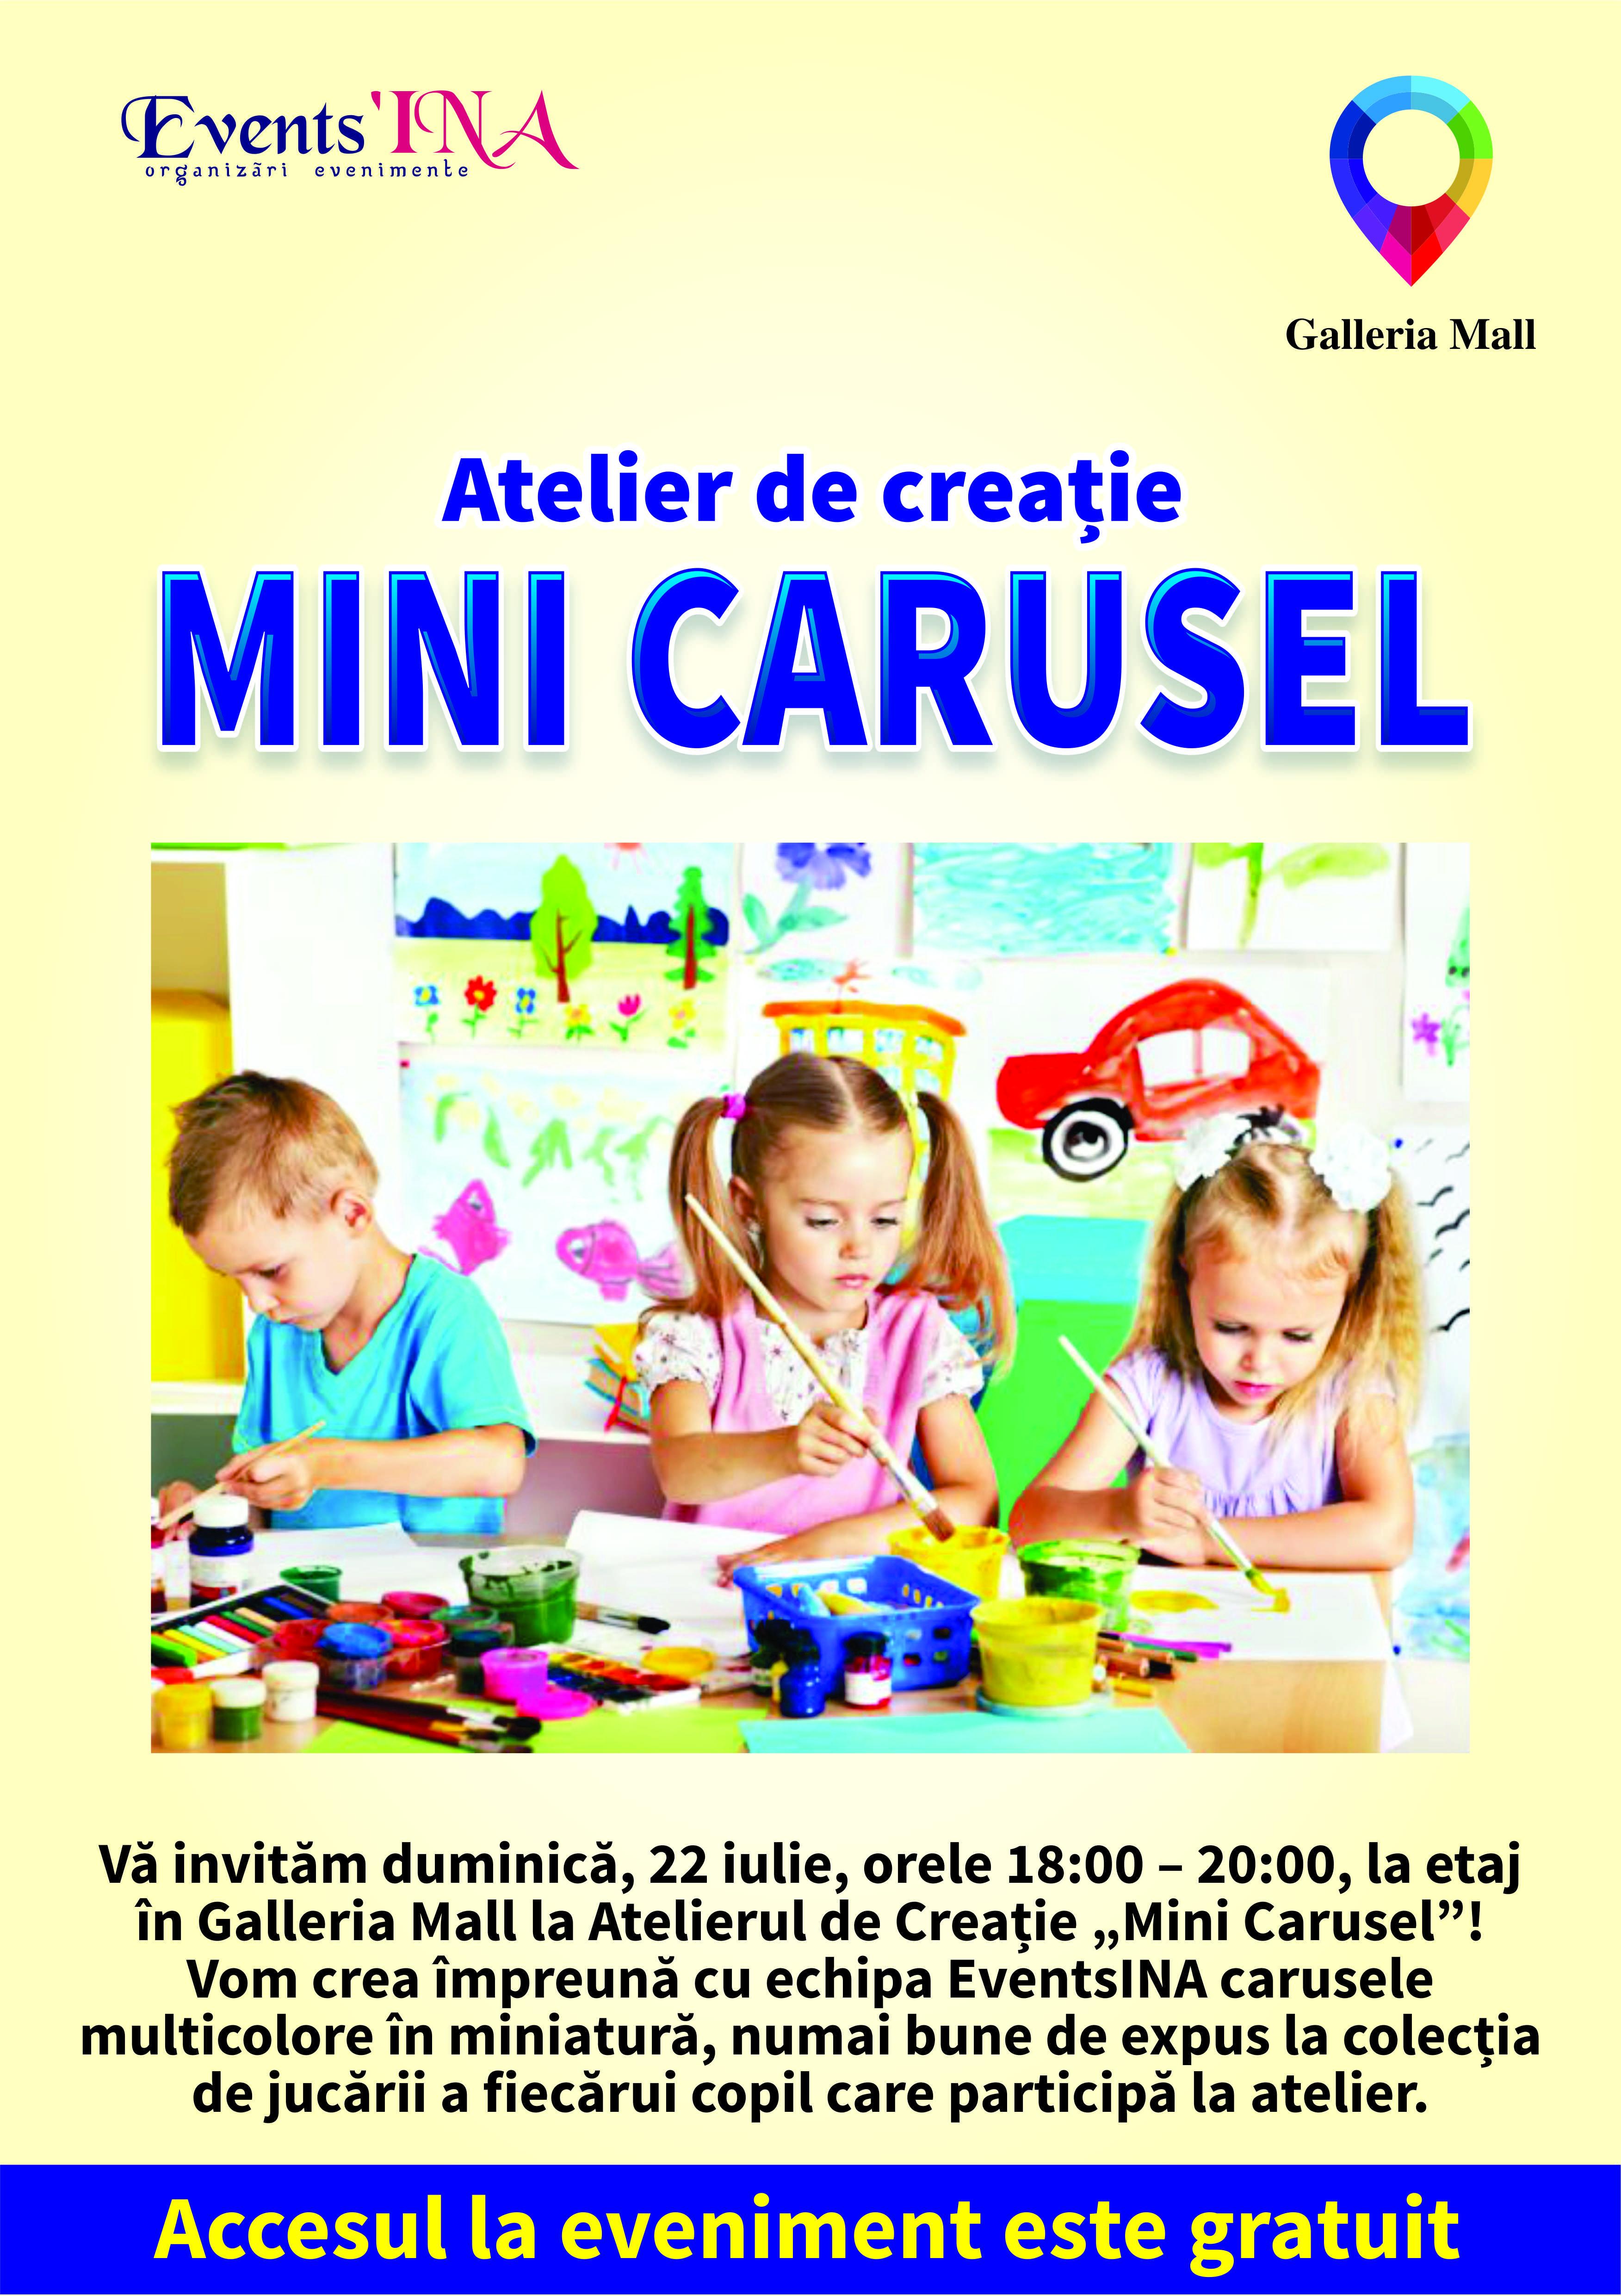 Mini Carusel